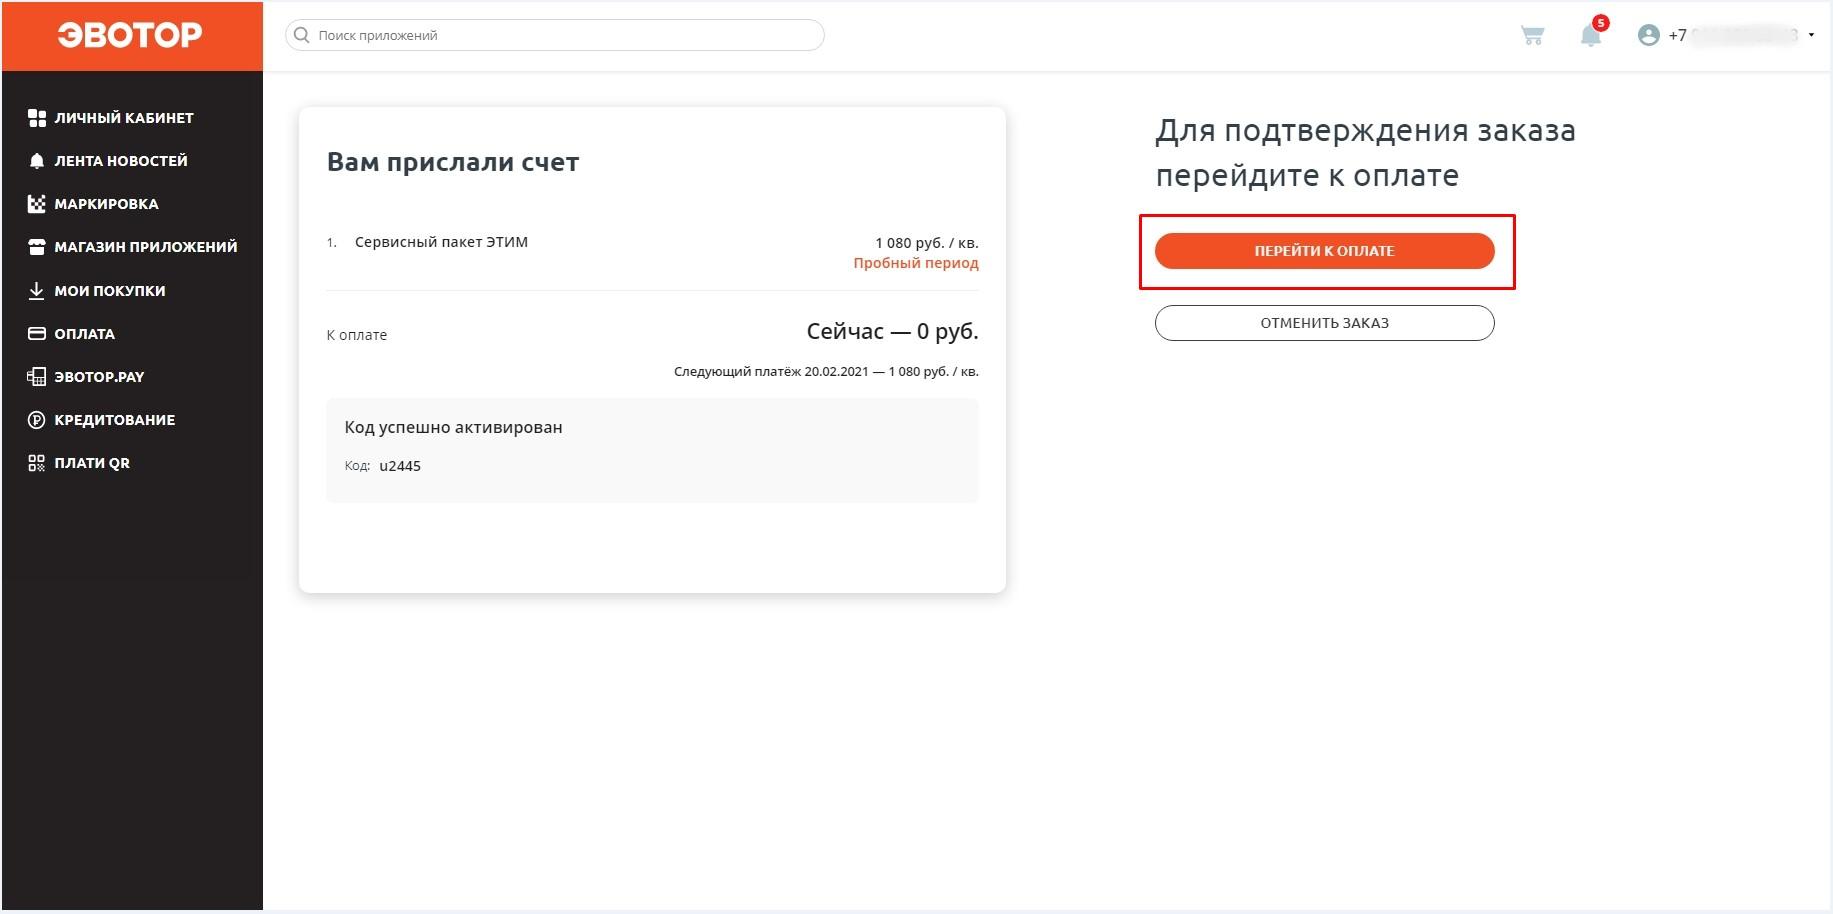 Онлайн оплата приложения Сервисный пакет ЭТИМ